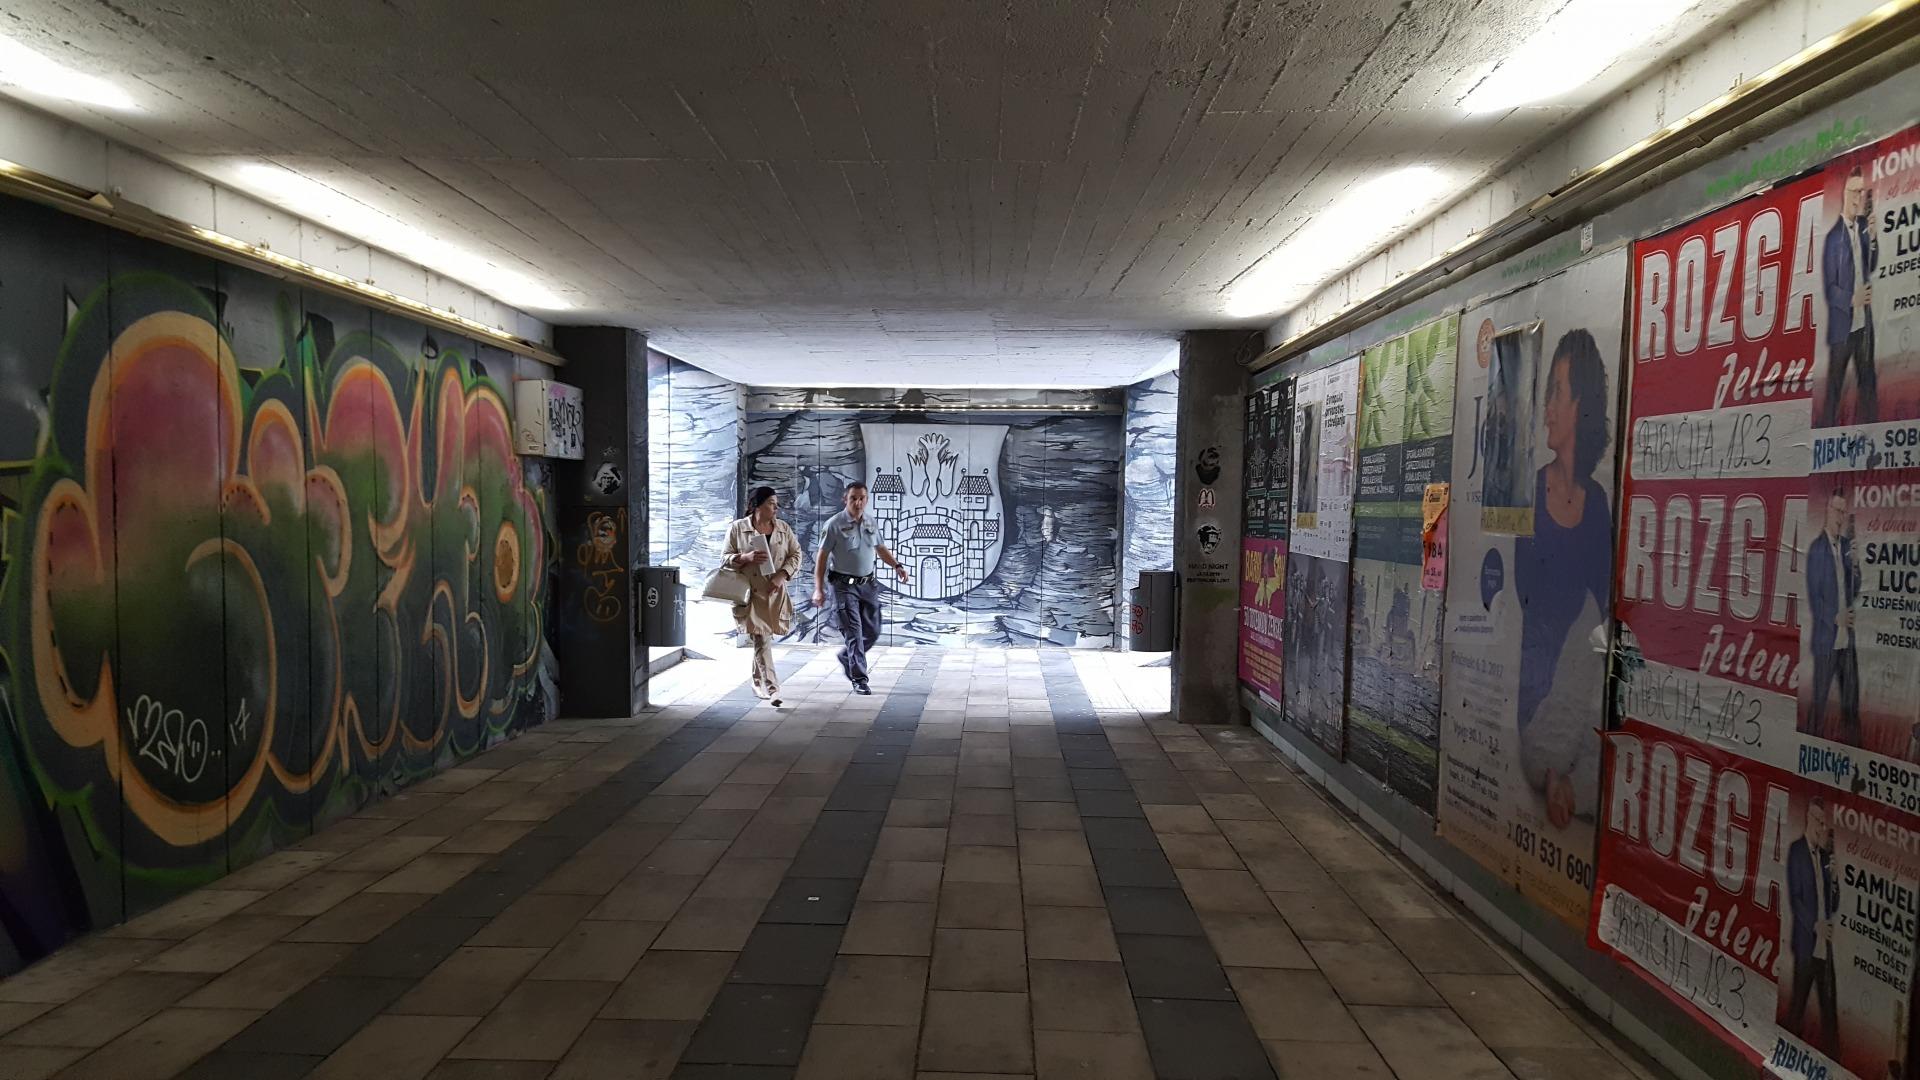 Фото: май 2017 года. Надеюсь, сейчас этот подземный переход заменили на обычный.